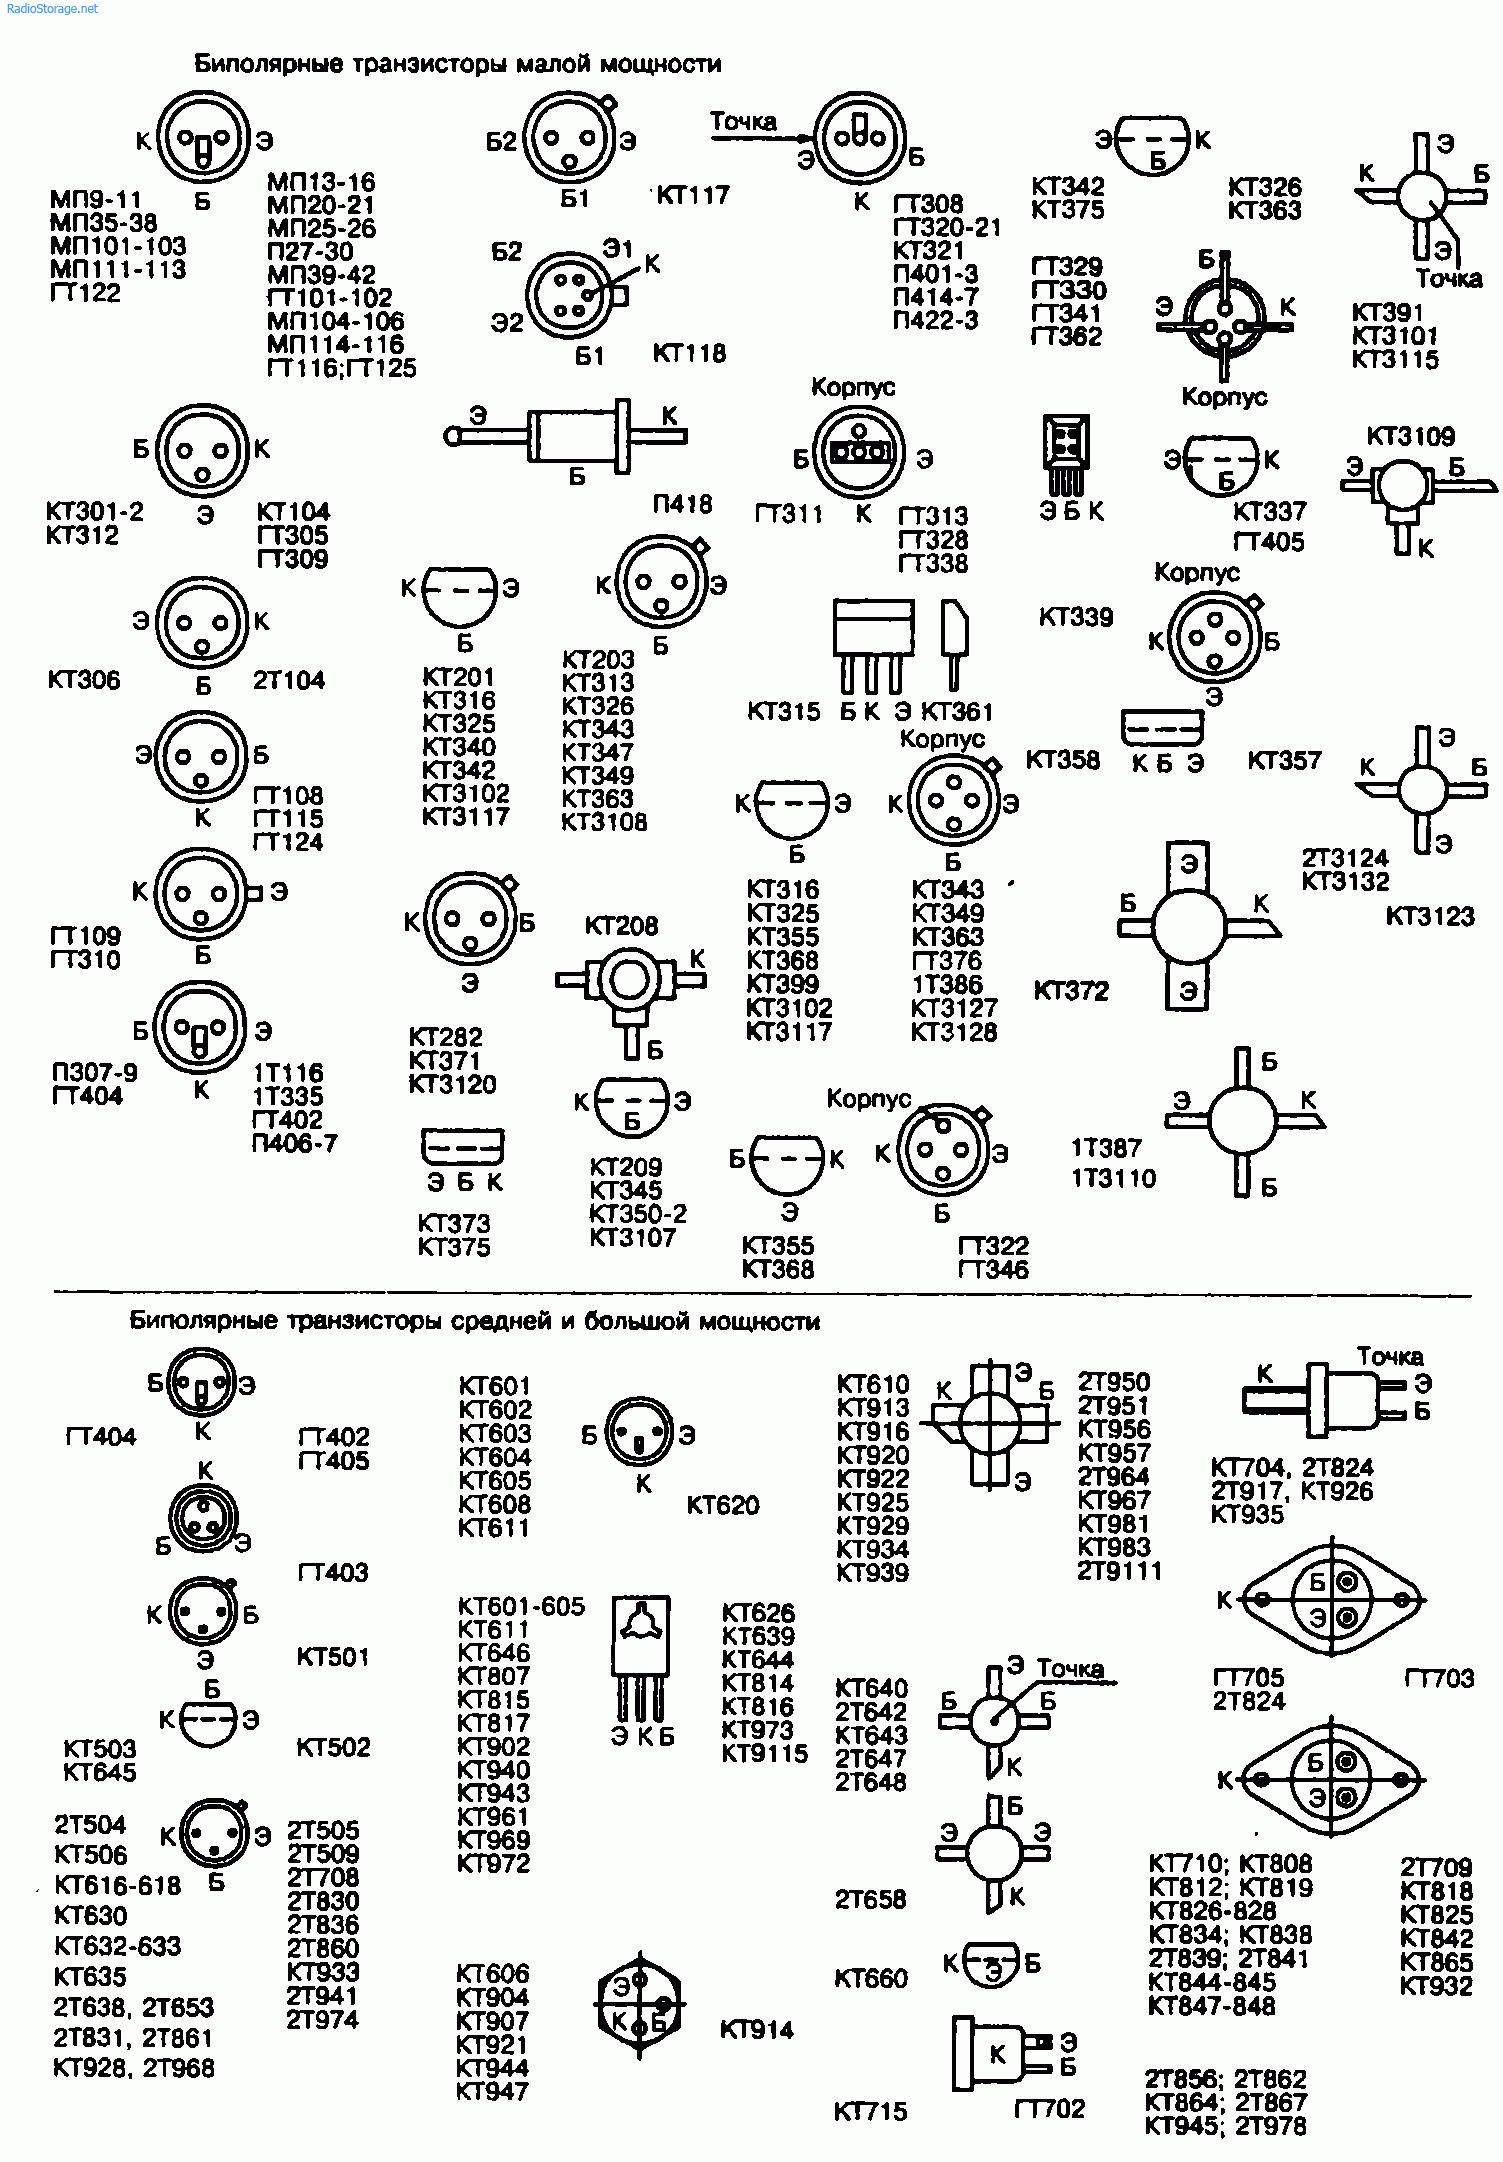 Транзисторы основные параметры и характеристики, маркировка D6D0033714B15A6F000B9D9701808FDB1161 min vs. tranzistory...